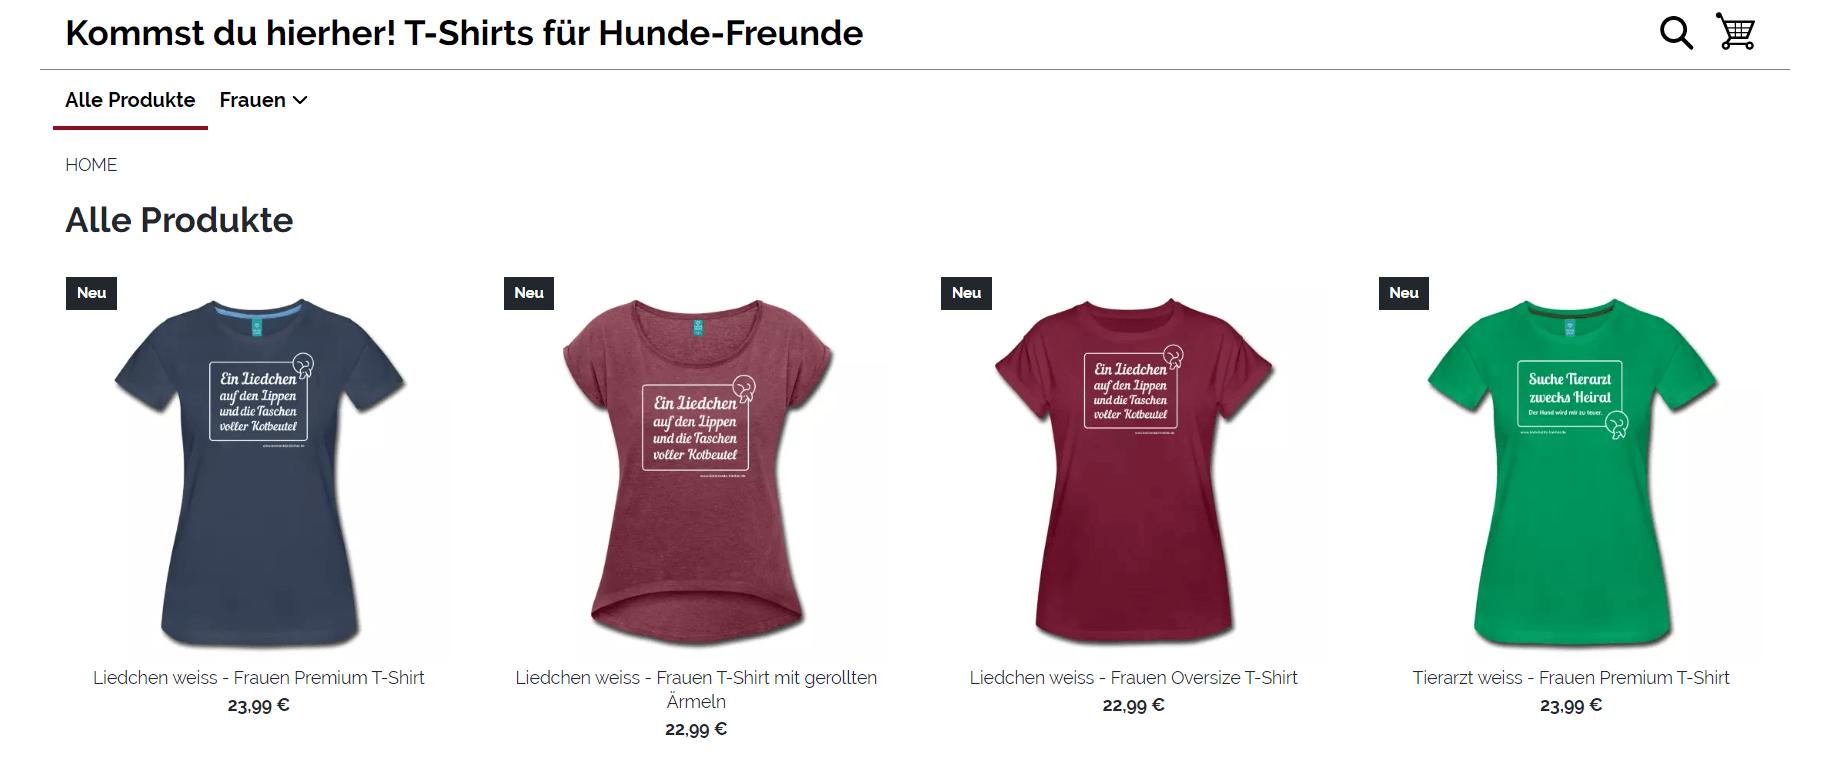 Mit Bloggen Geld verdienen - T-Shirt Shop Beispiel